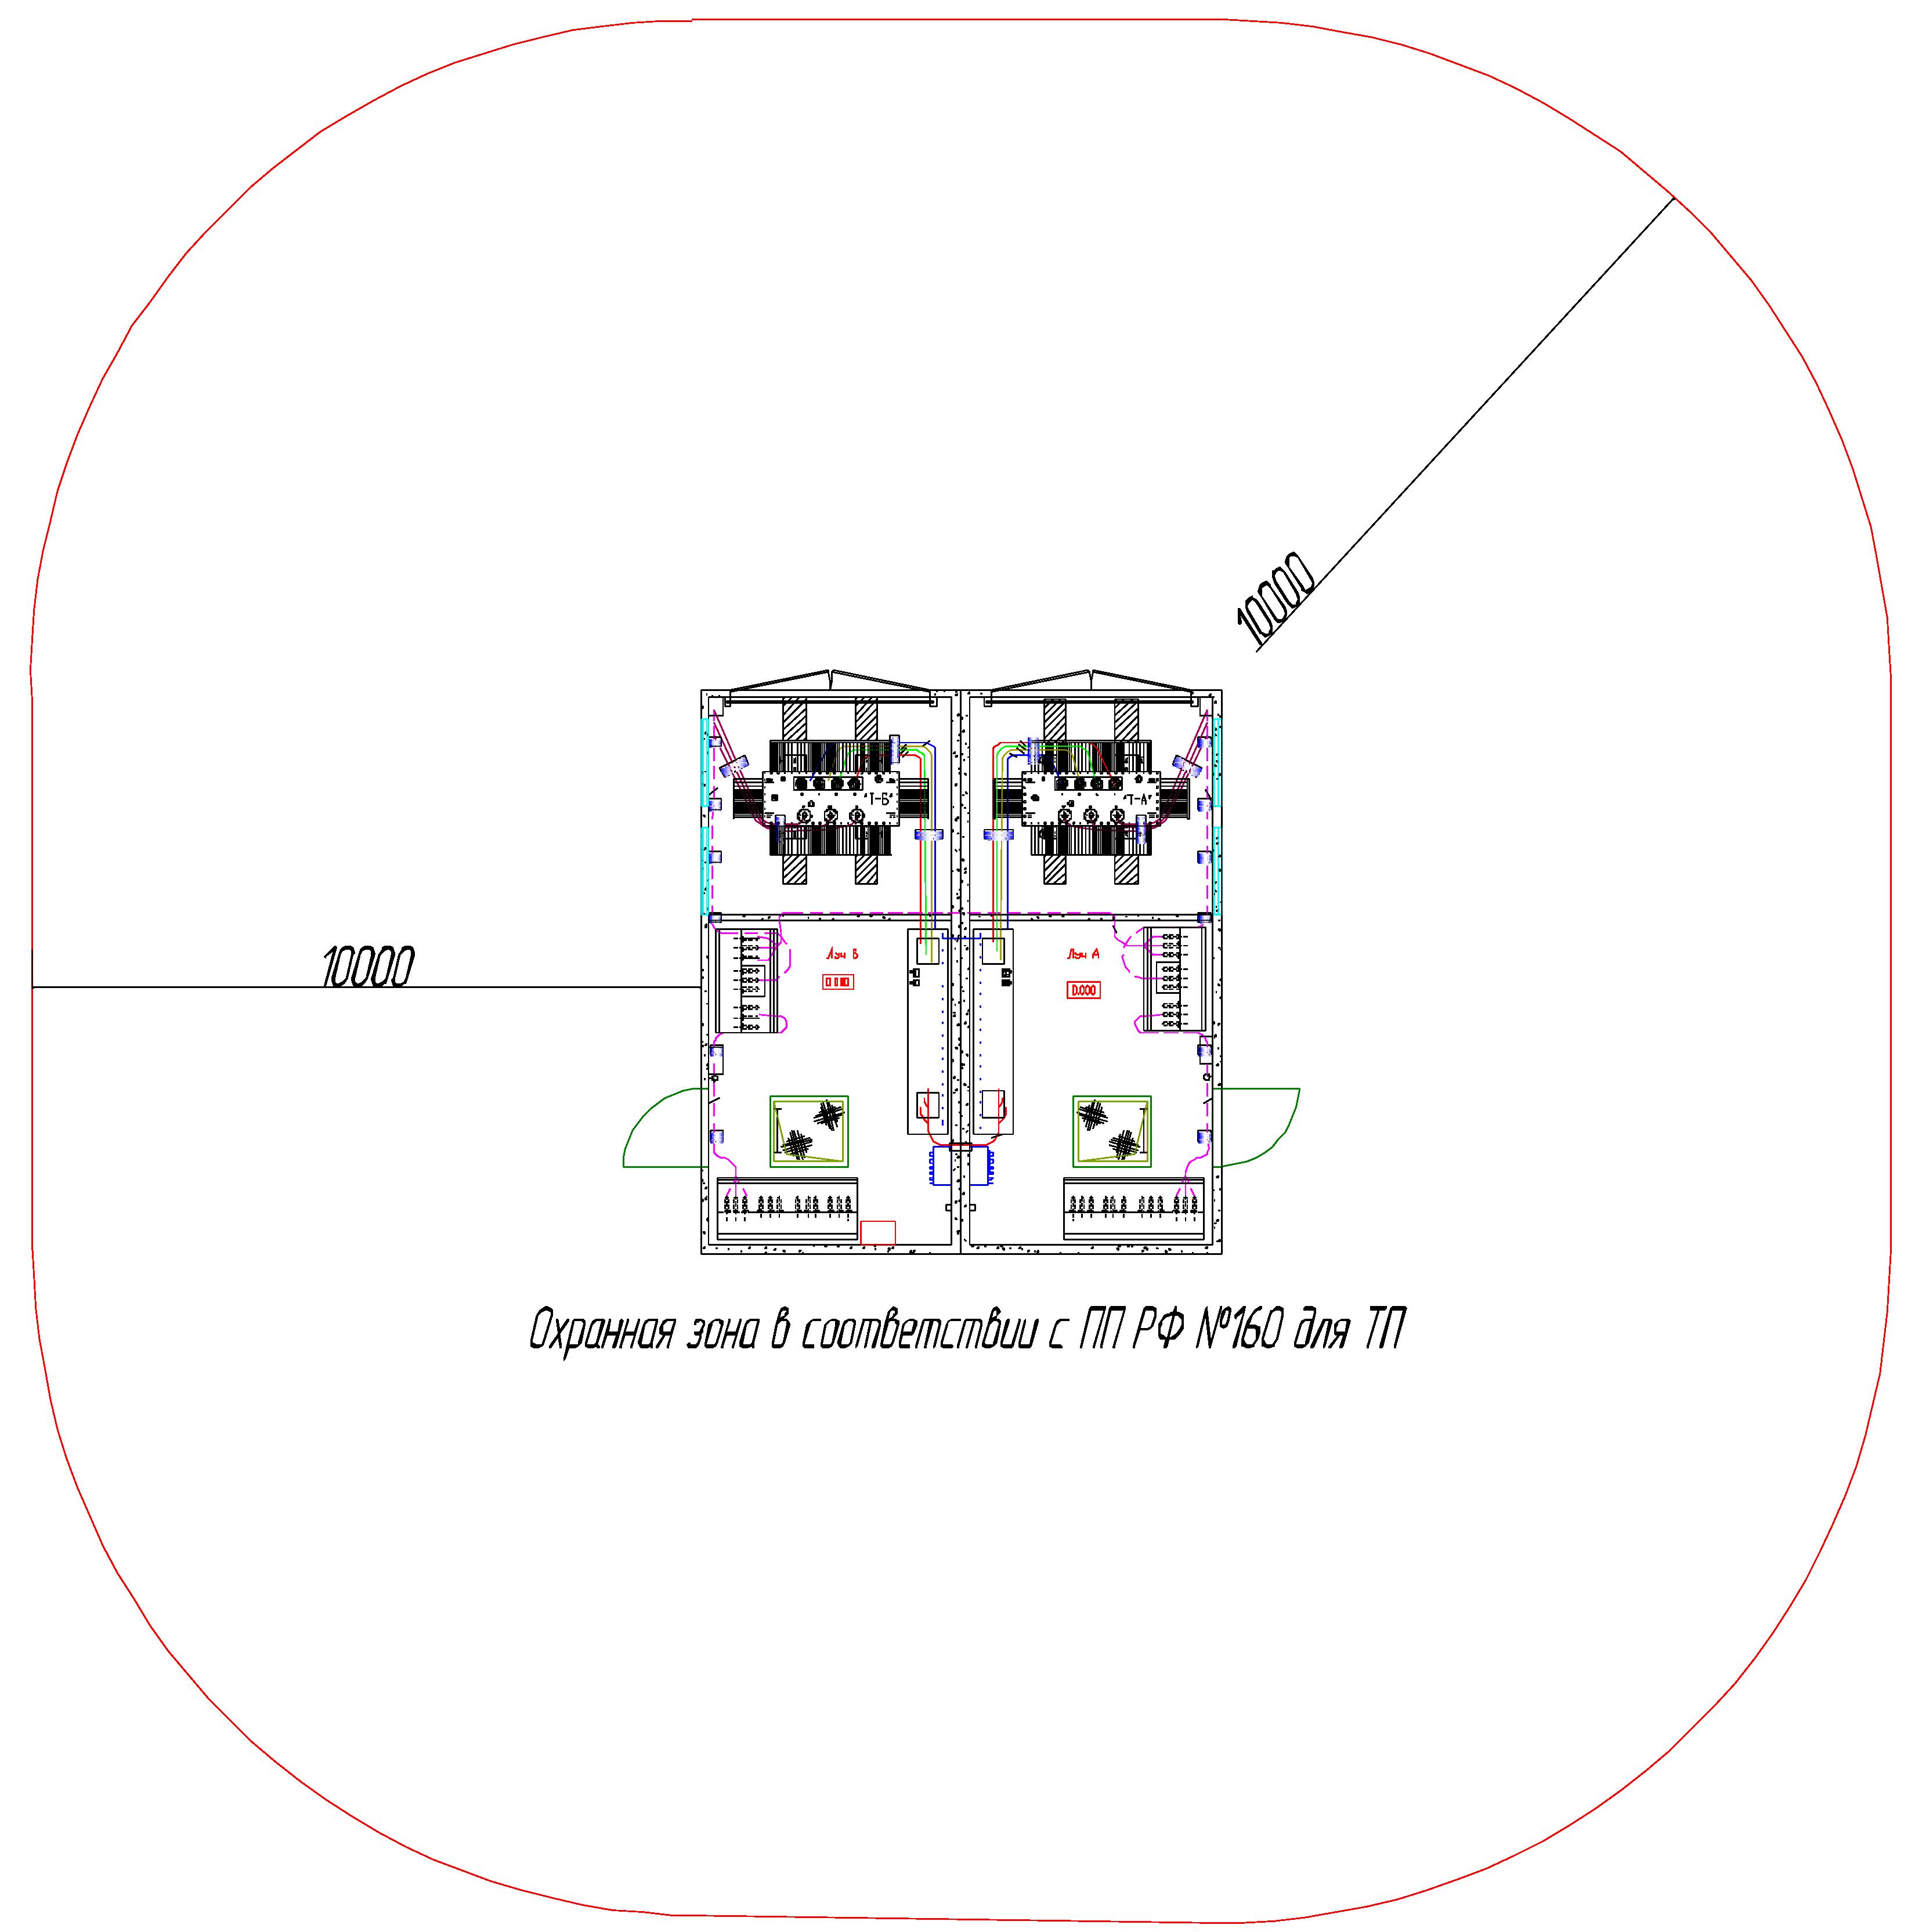 Охранная зона трансформаторной подстанции пуэ